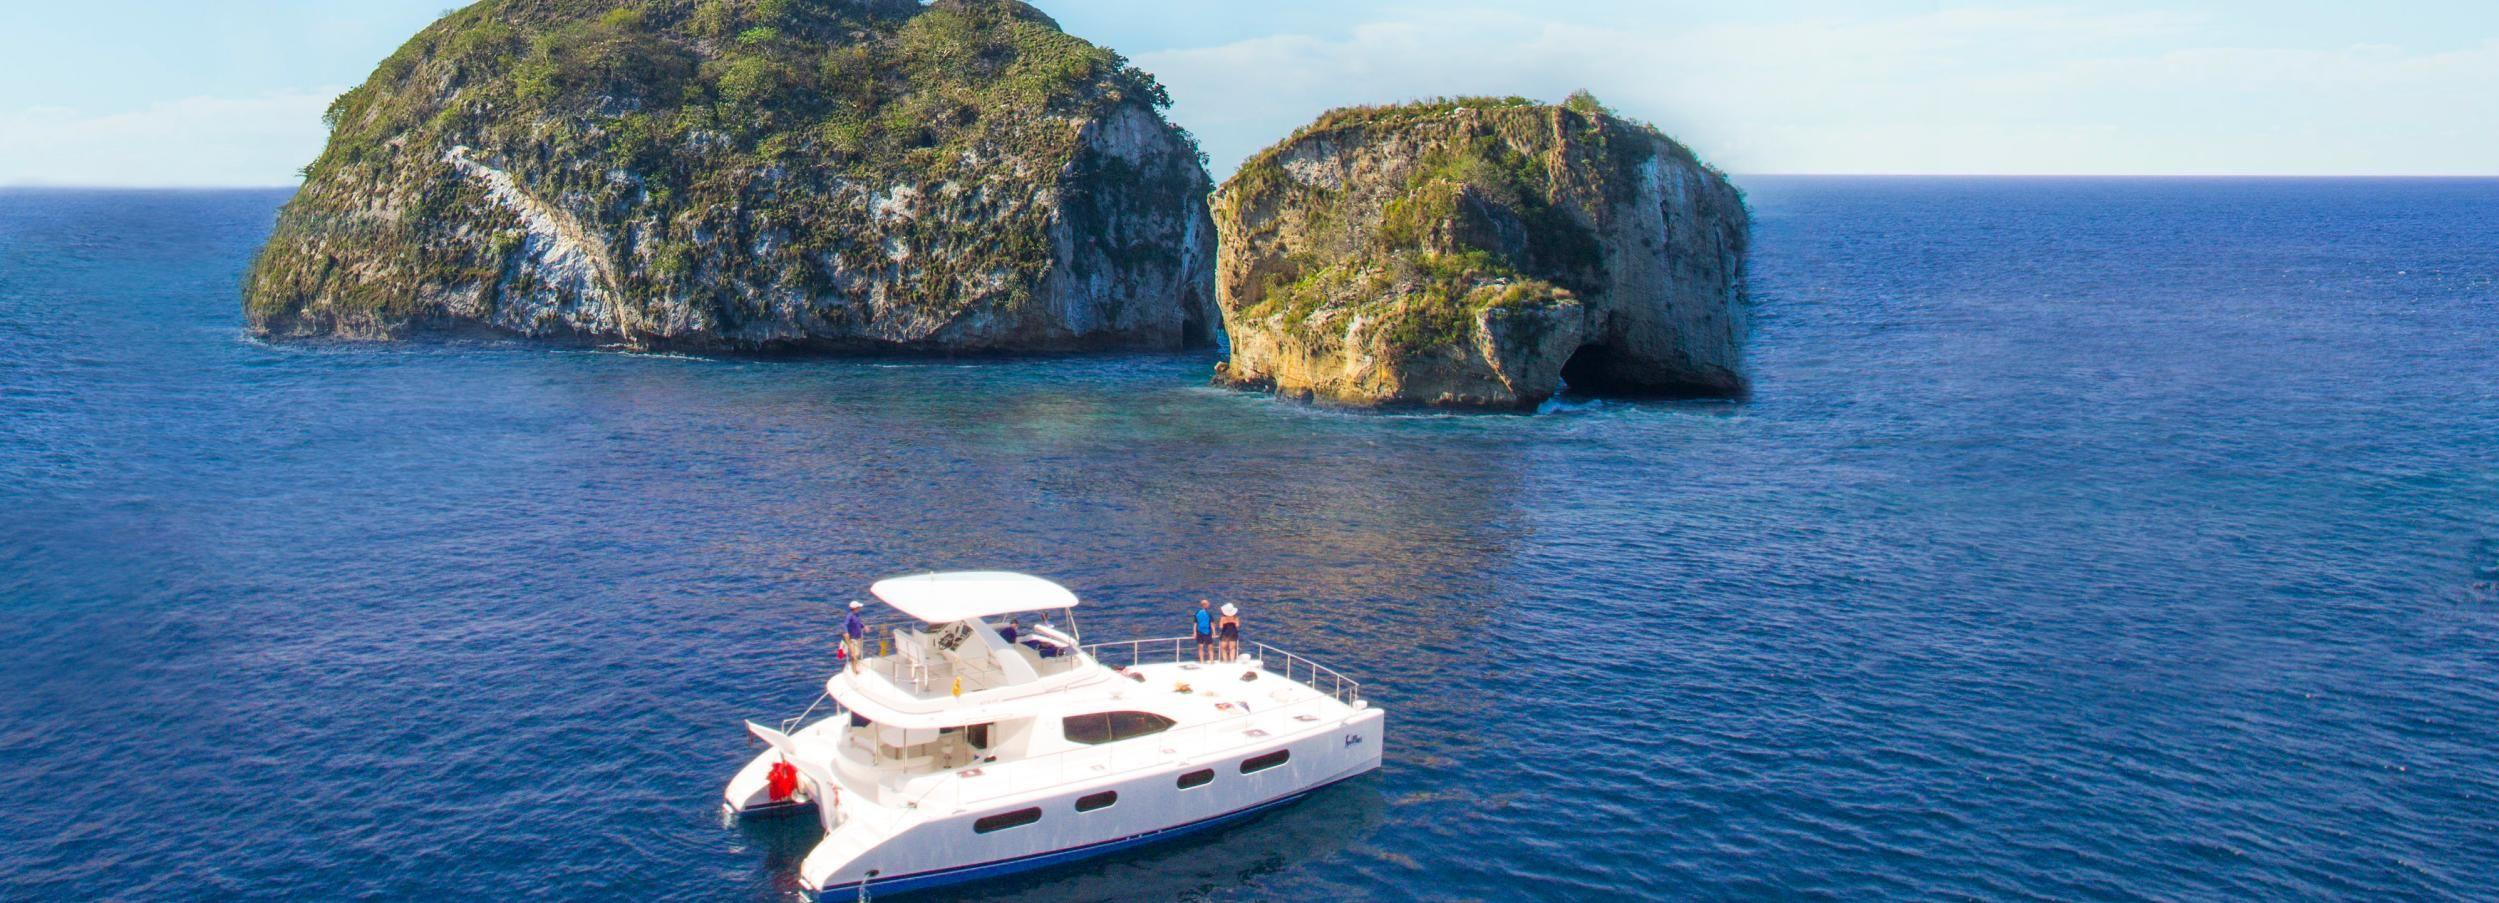 From Puerto Vallarta: Luxury Yacht & Snorkeling Tour